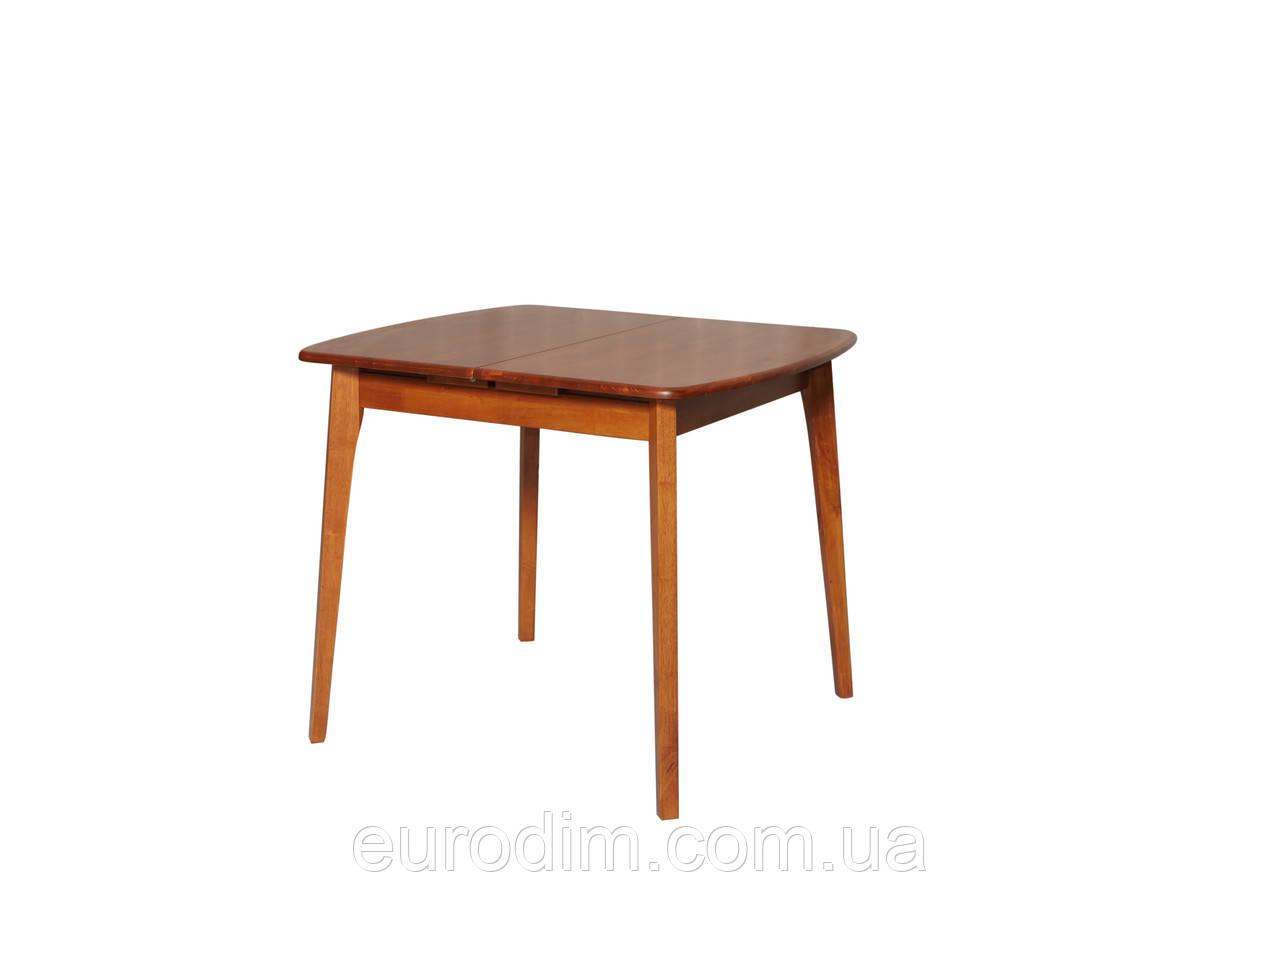 Стол обеденный 3236 H4 орех античный